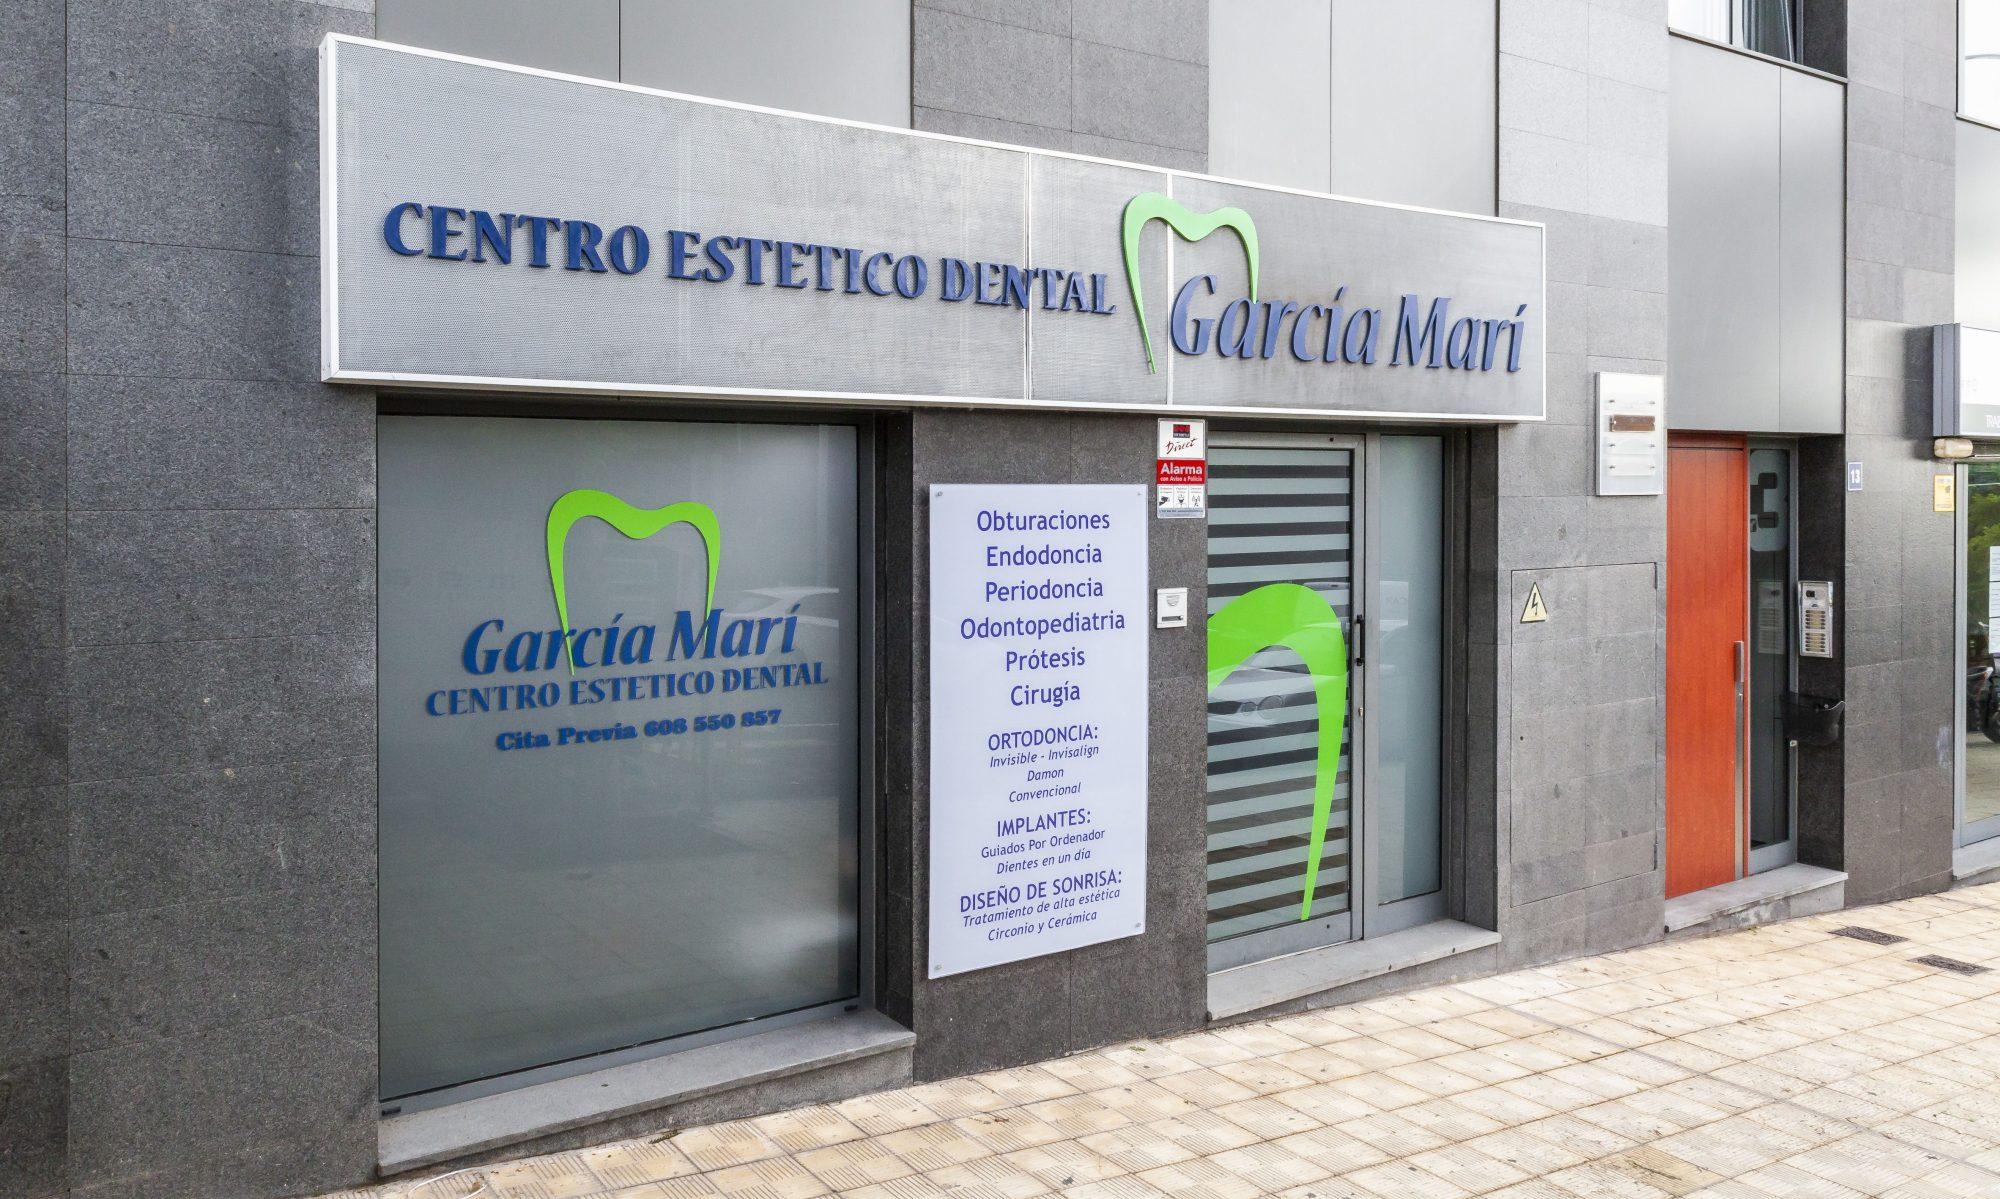 Centro Estético Dental García Marí